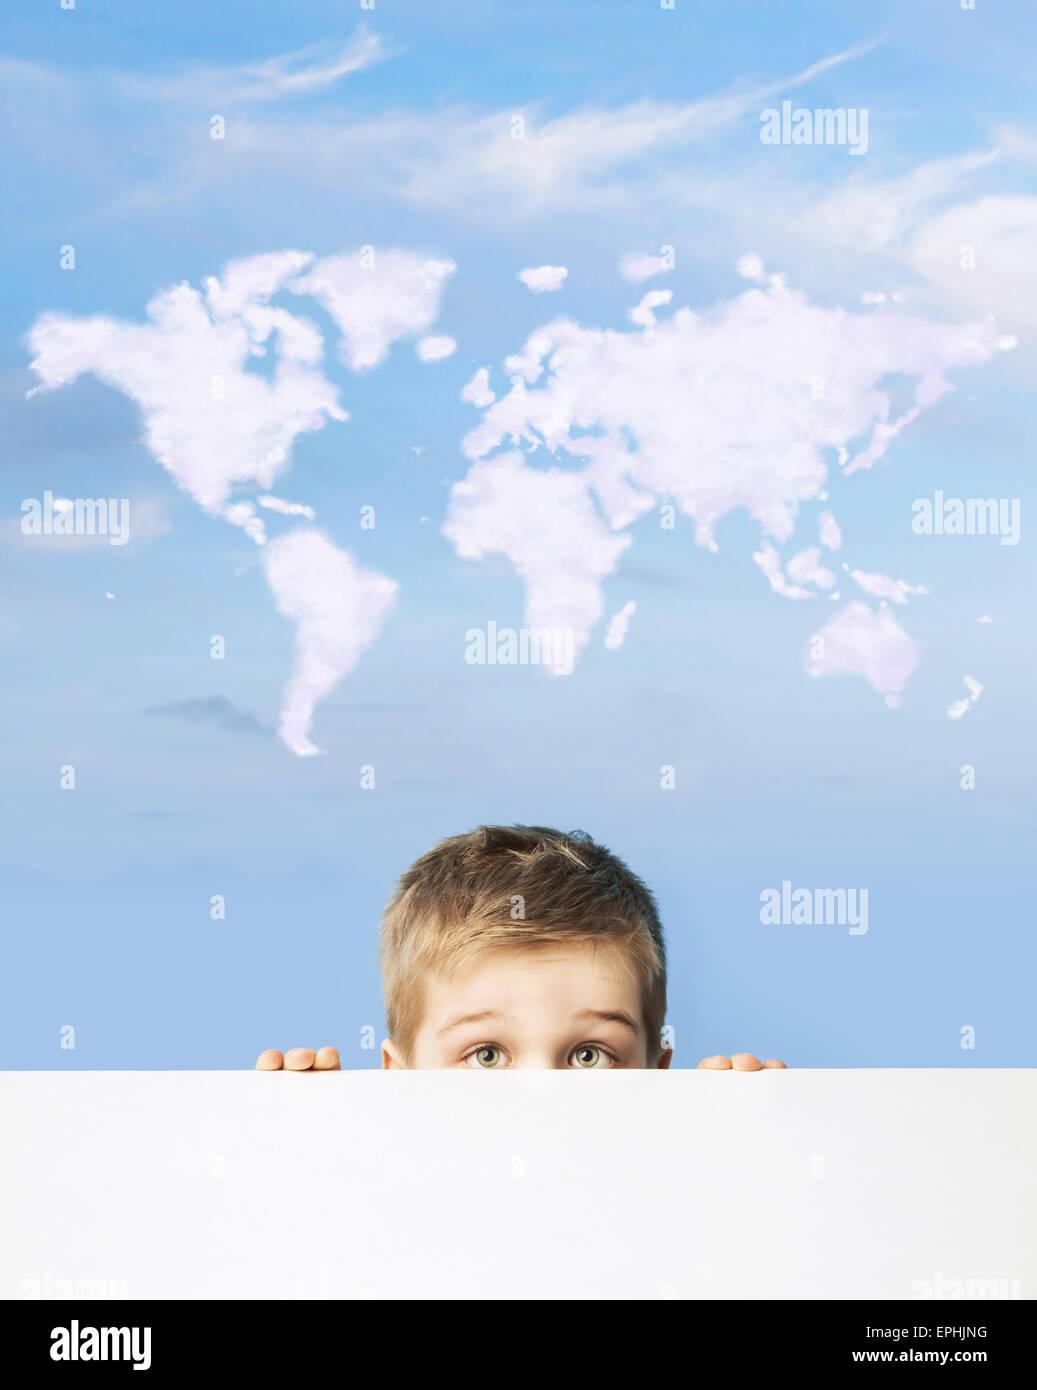 Porträt eines Kindes mit Weltkarte über Kopf Stockbild